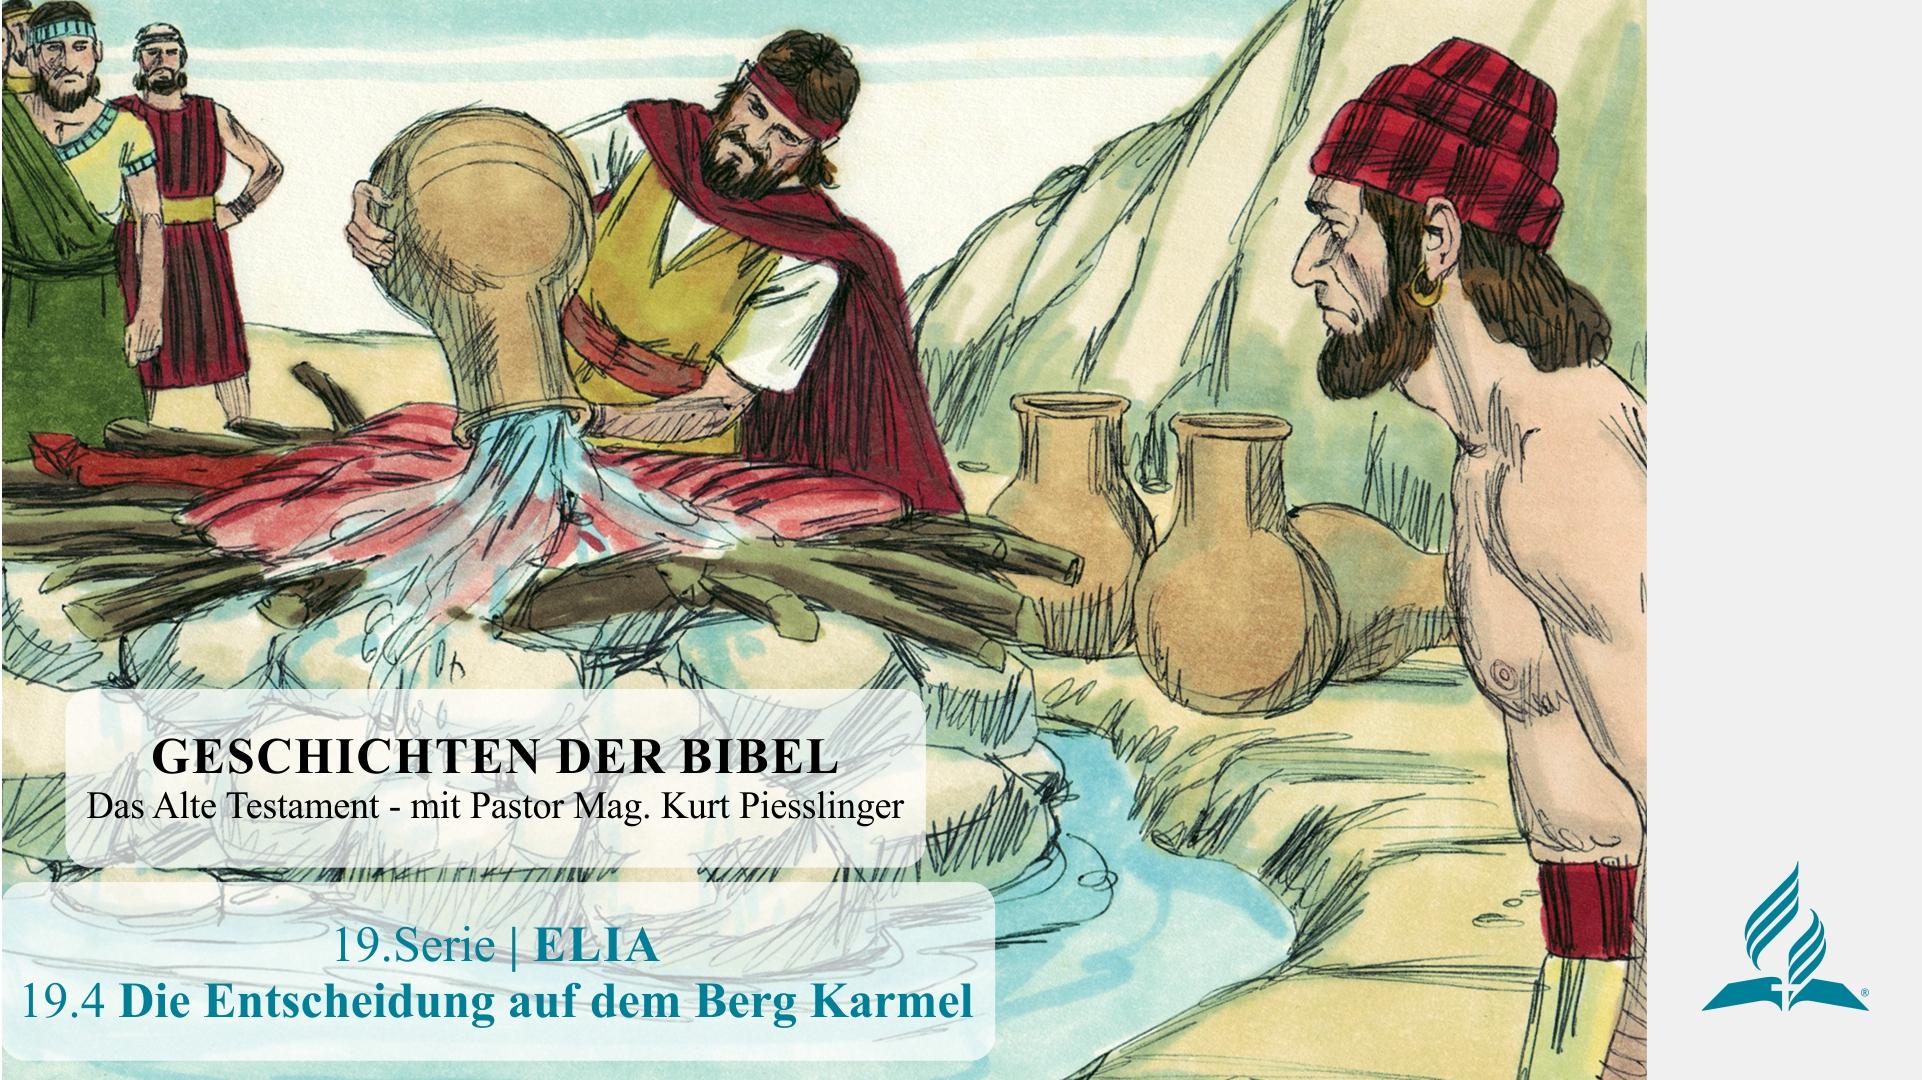 19.4 Die Entscheidung auf dem Berg Karmel x